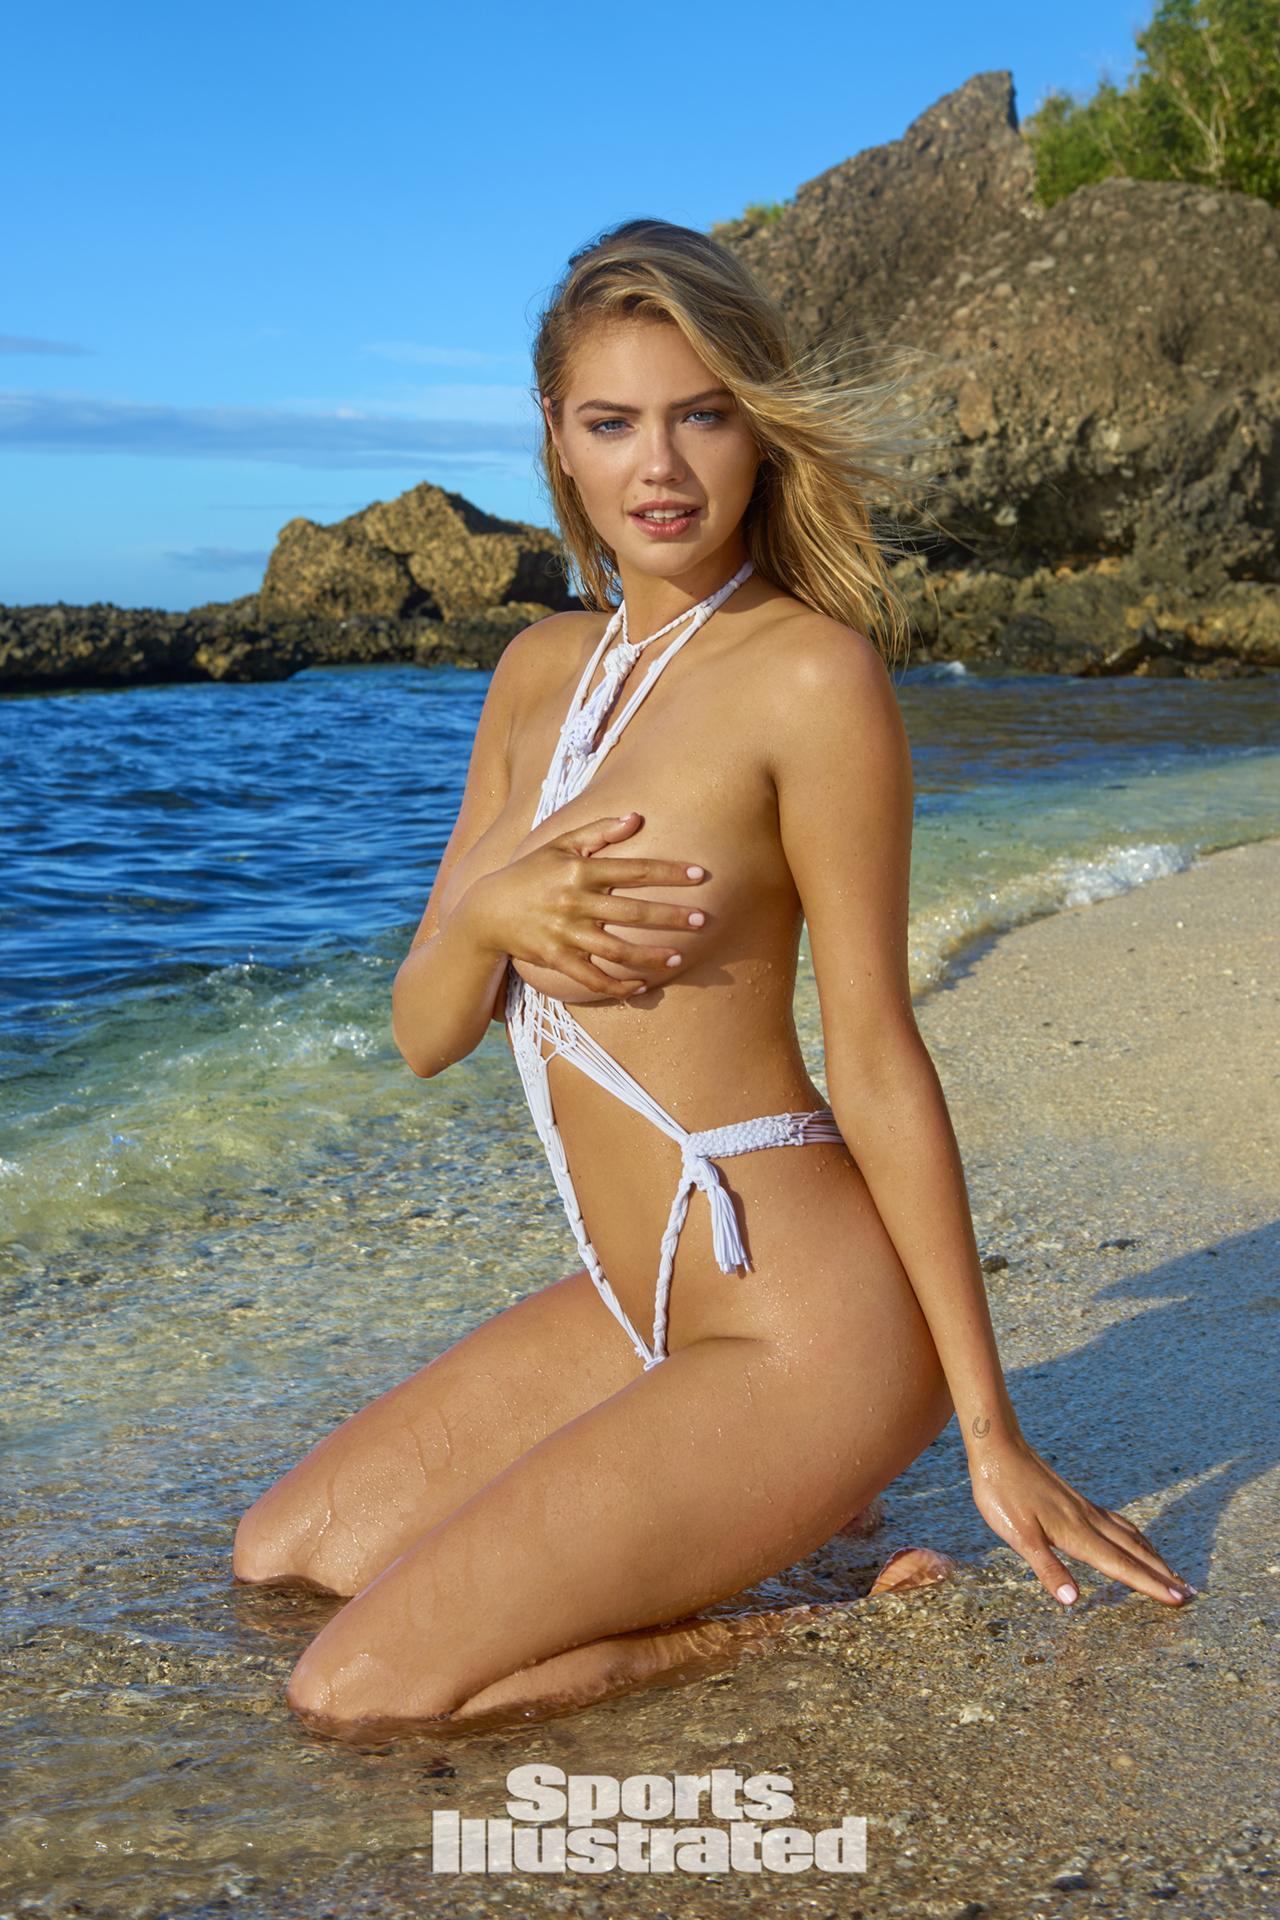 """Siêu mẫu áo tắm """"đắt nhất hành tinh"""" nóng bỏng trên đảo vắng - 4"""